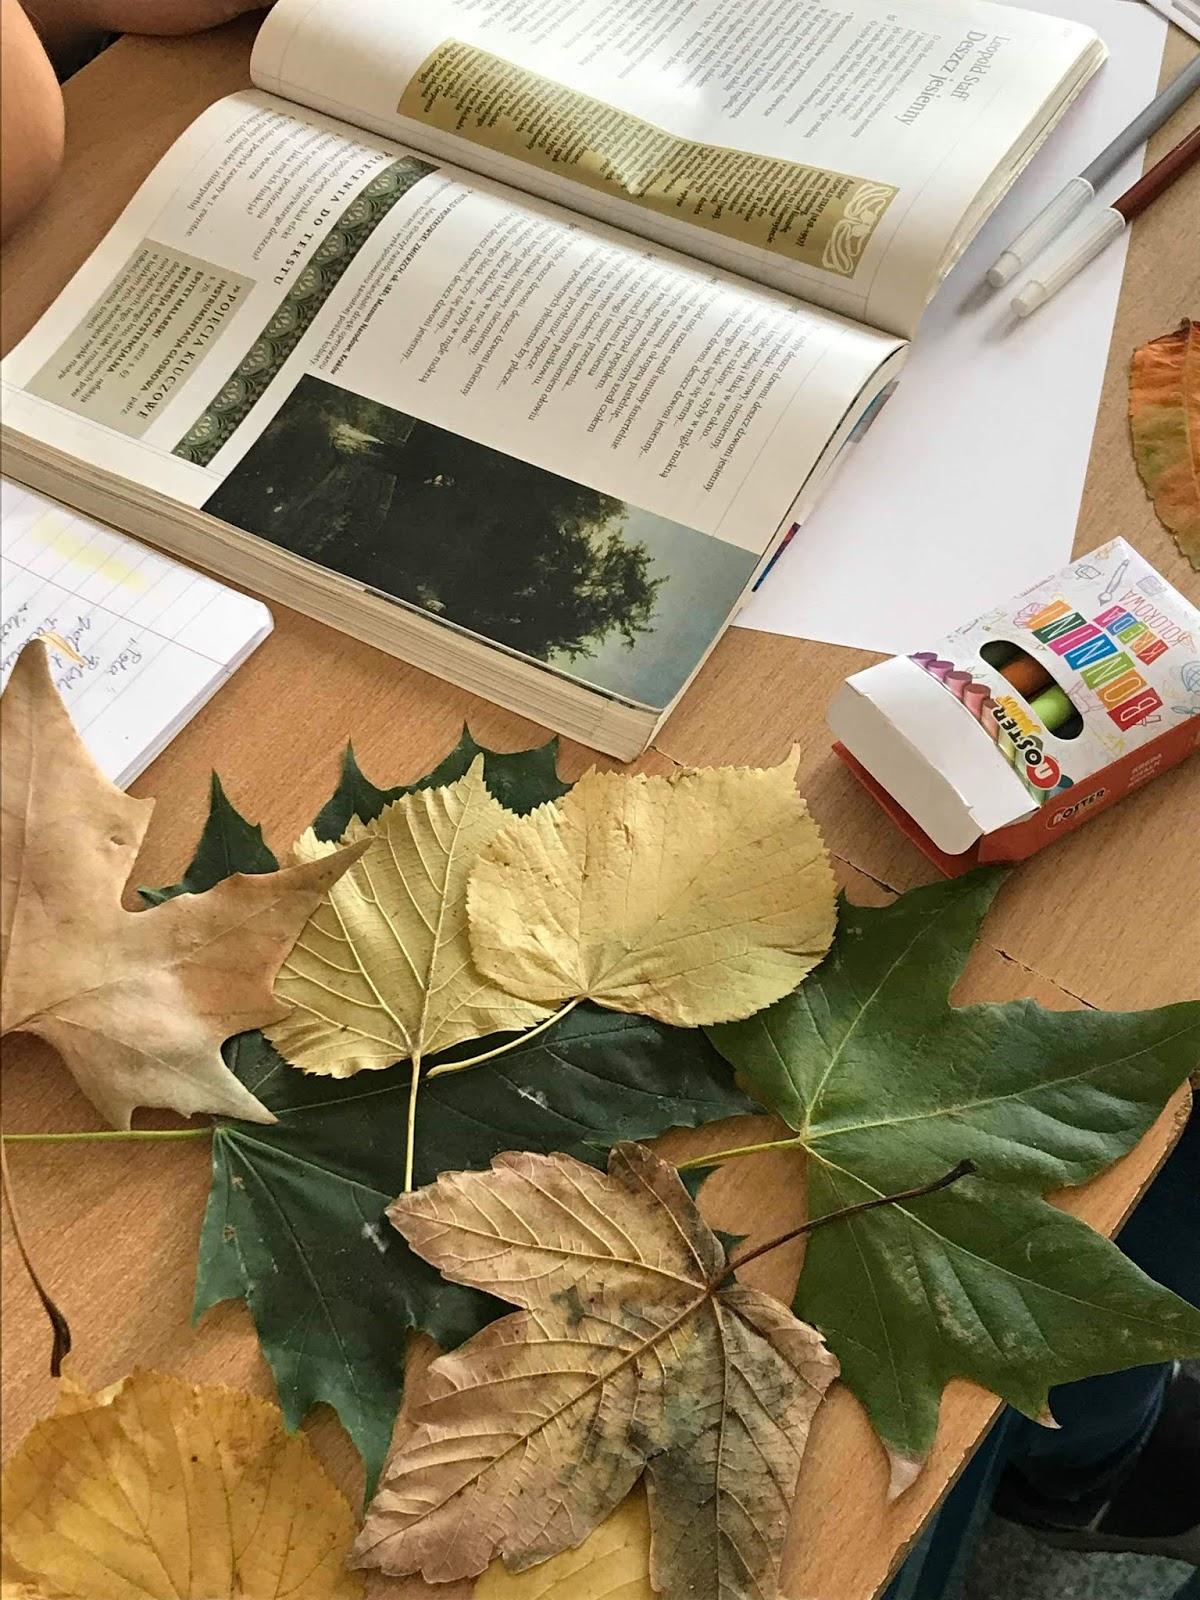 Deszcz Jesienny Staffa Jak Wykorzystać Aurę Do Rozmowy O